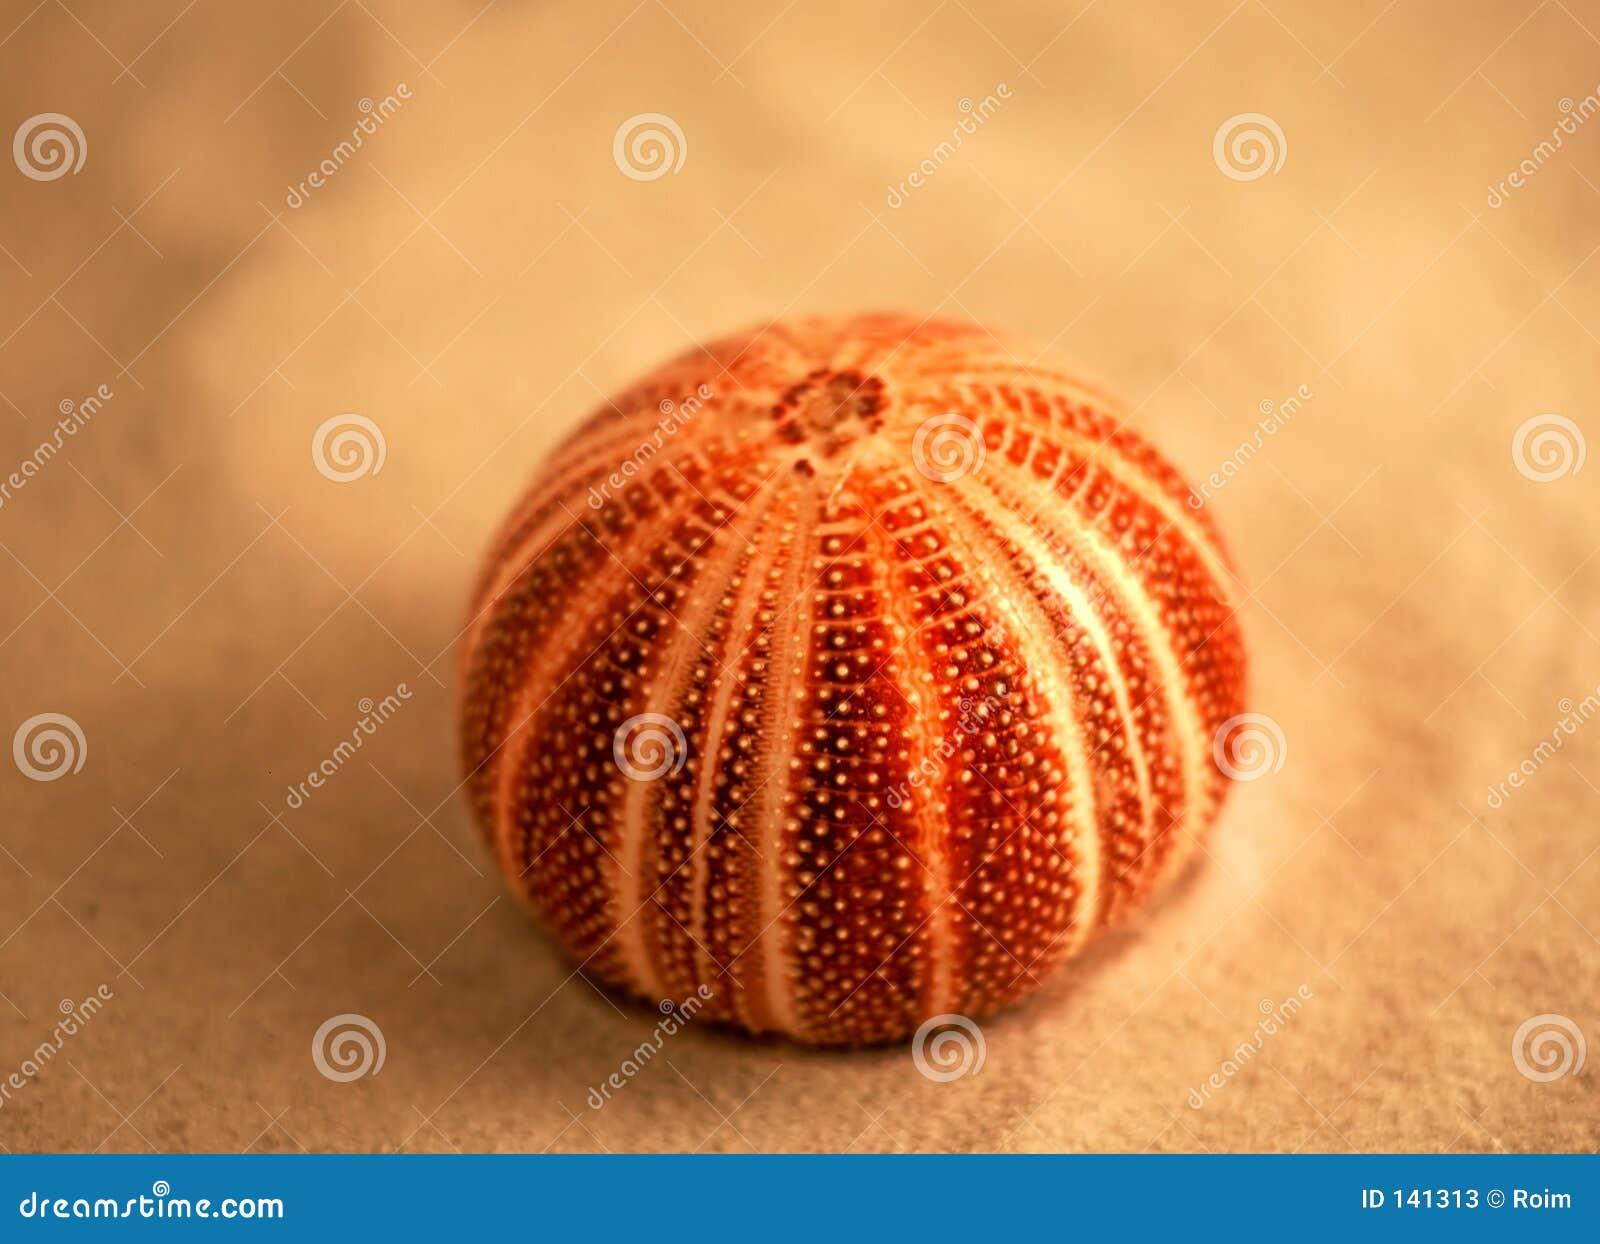 Urchin Stock Photos - Image: 141313